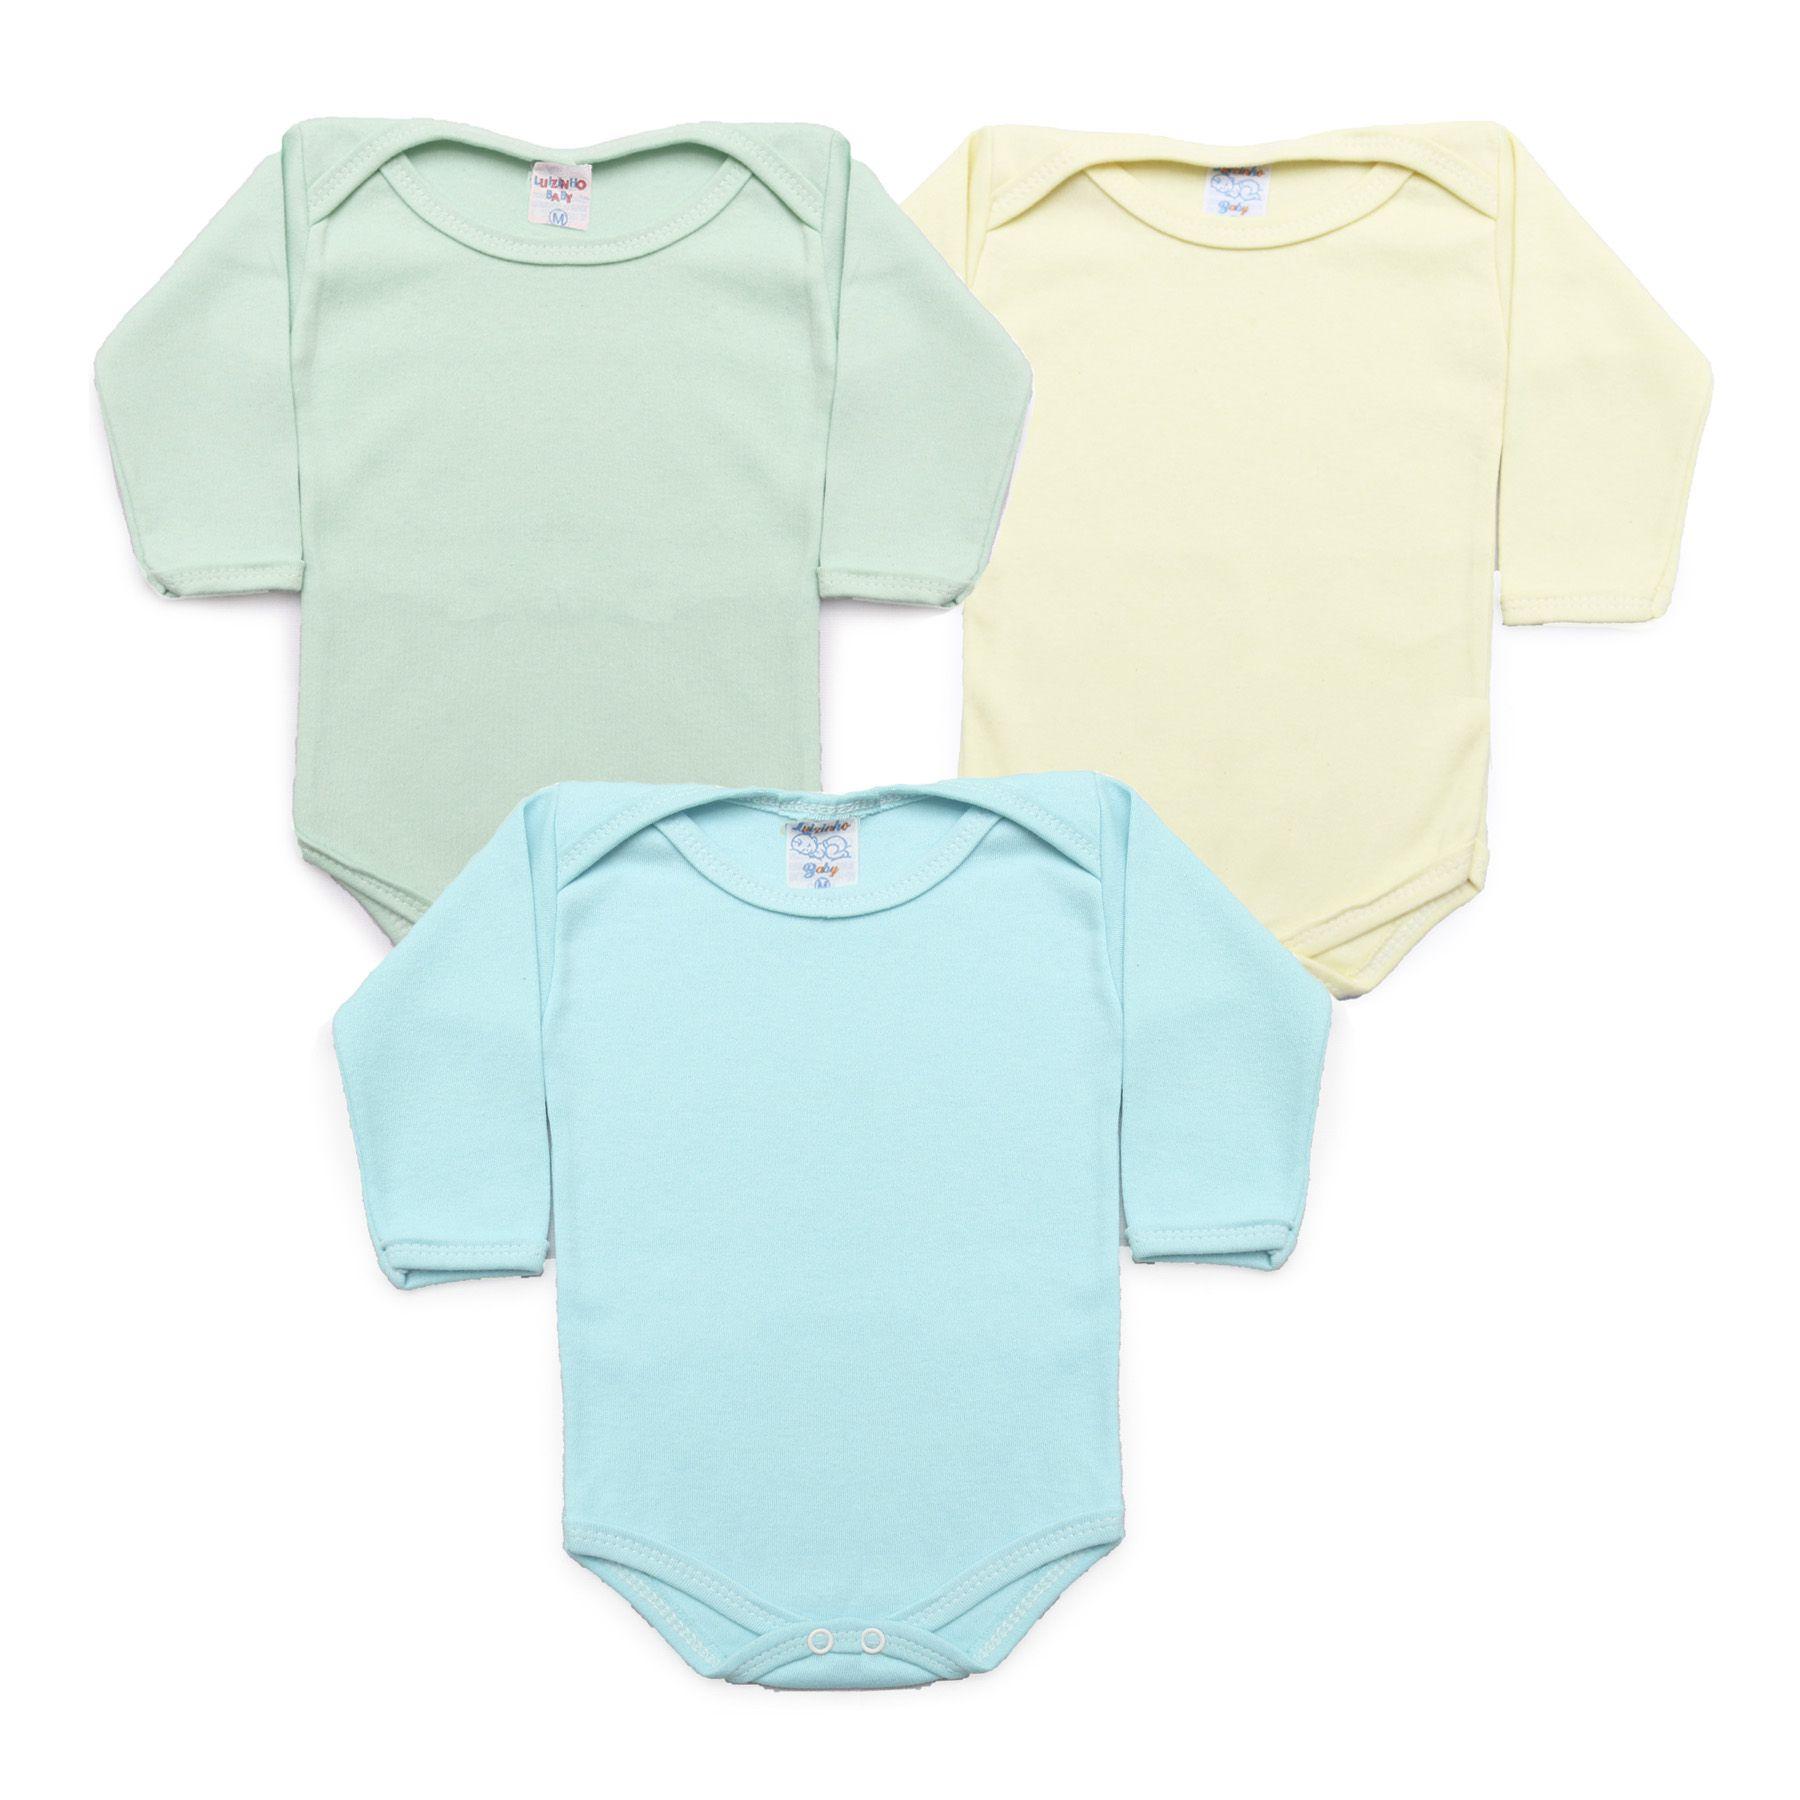 Kit Body Bebê com 3 Peças Menino Azul Claro, Verde Água e Amarelo Claro